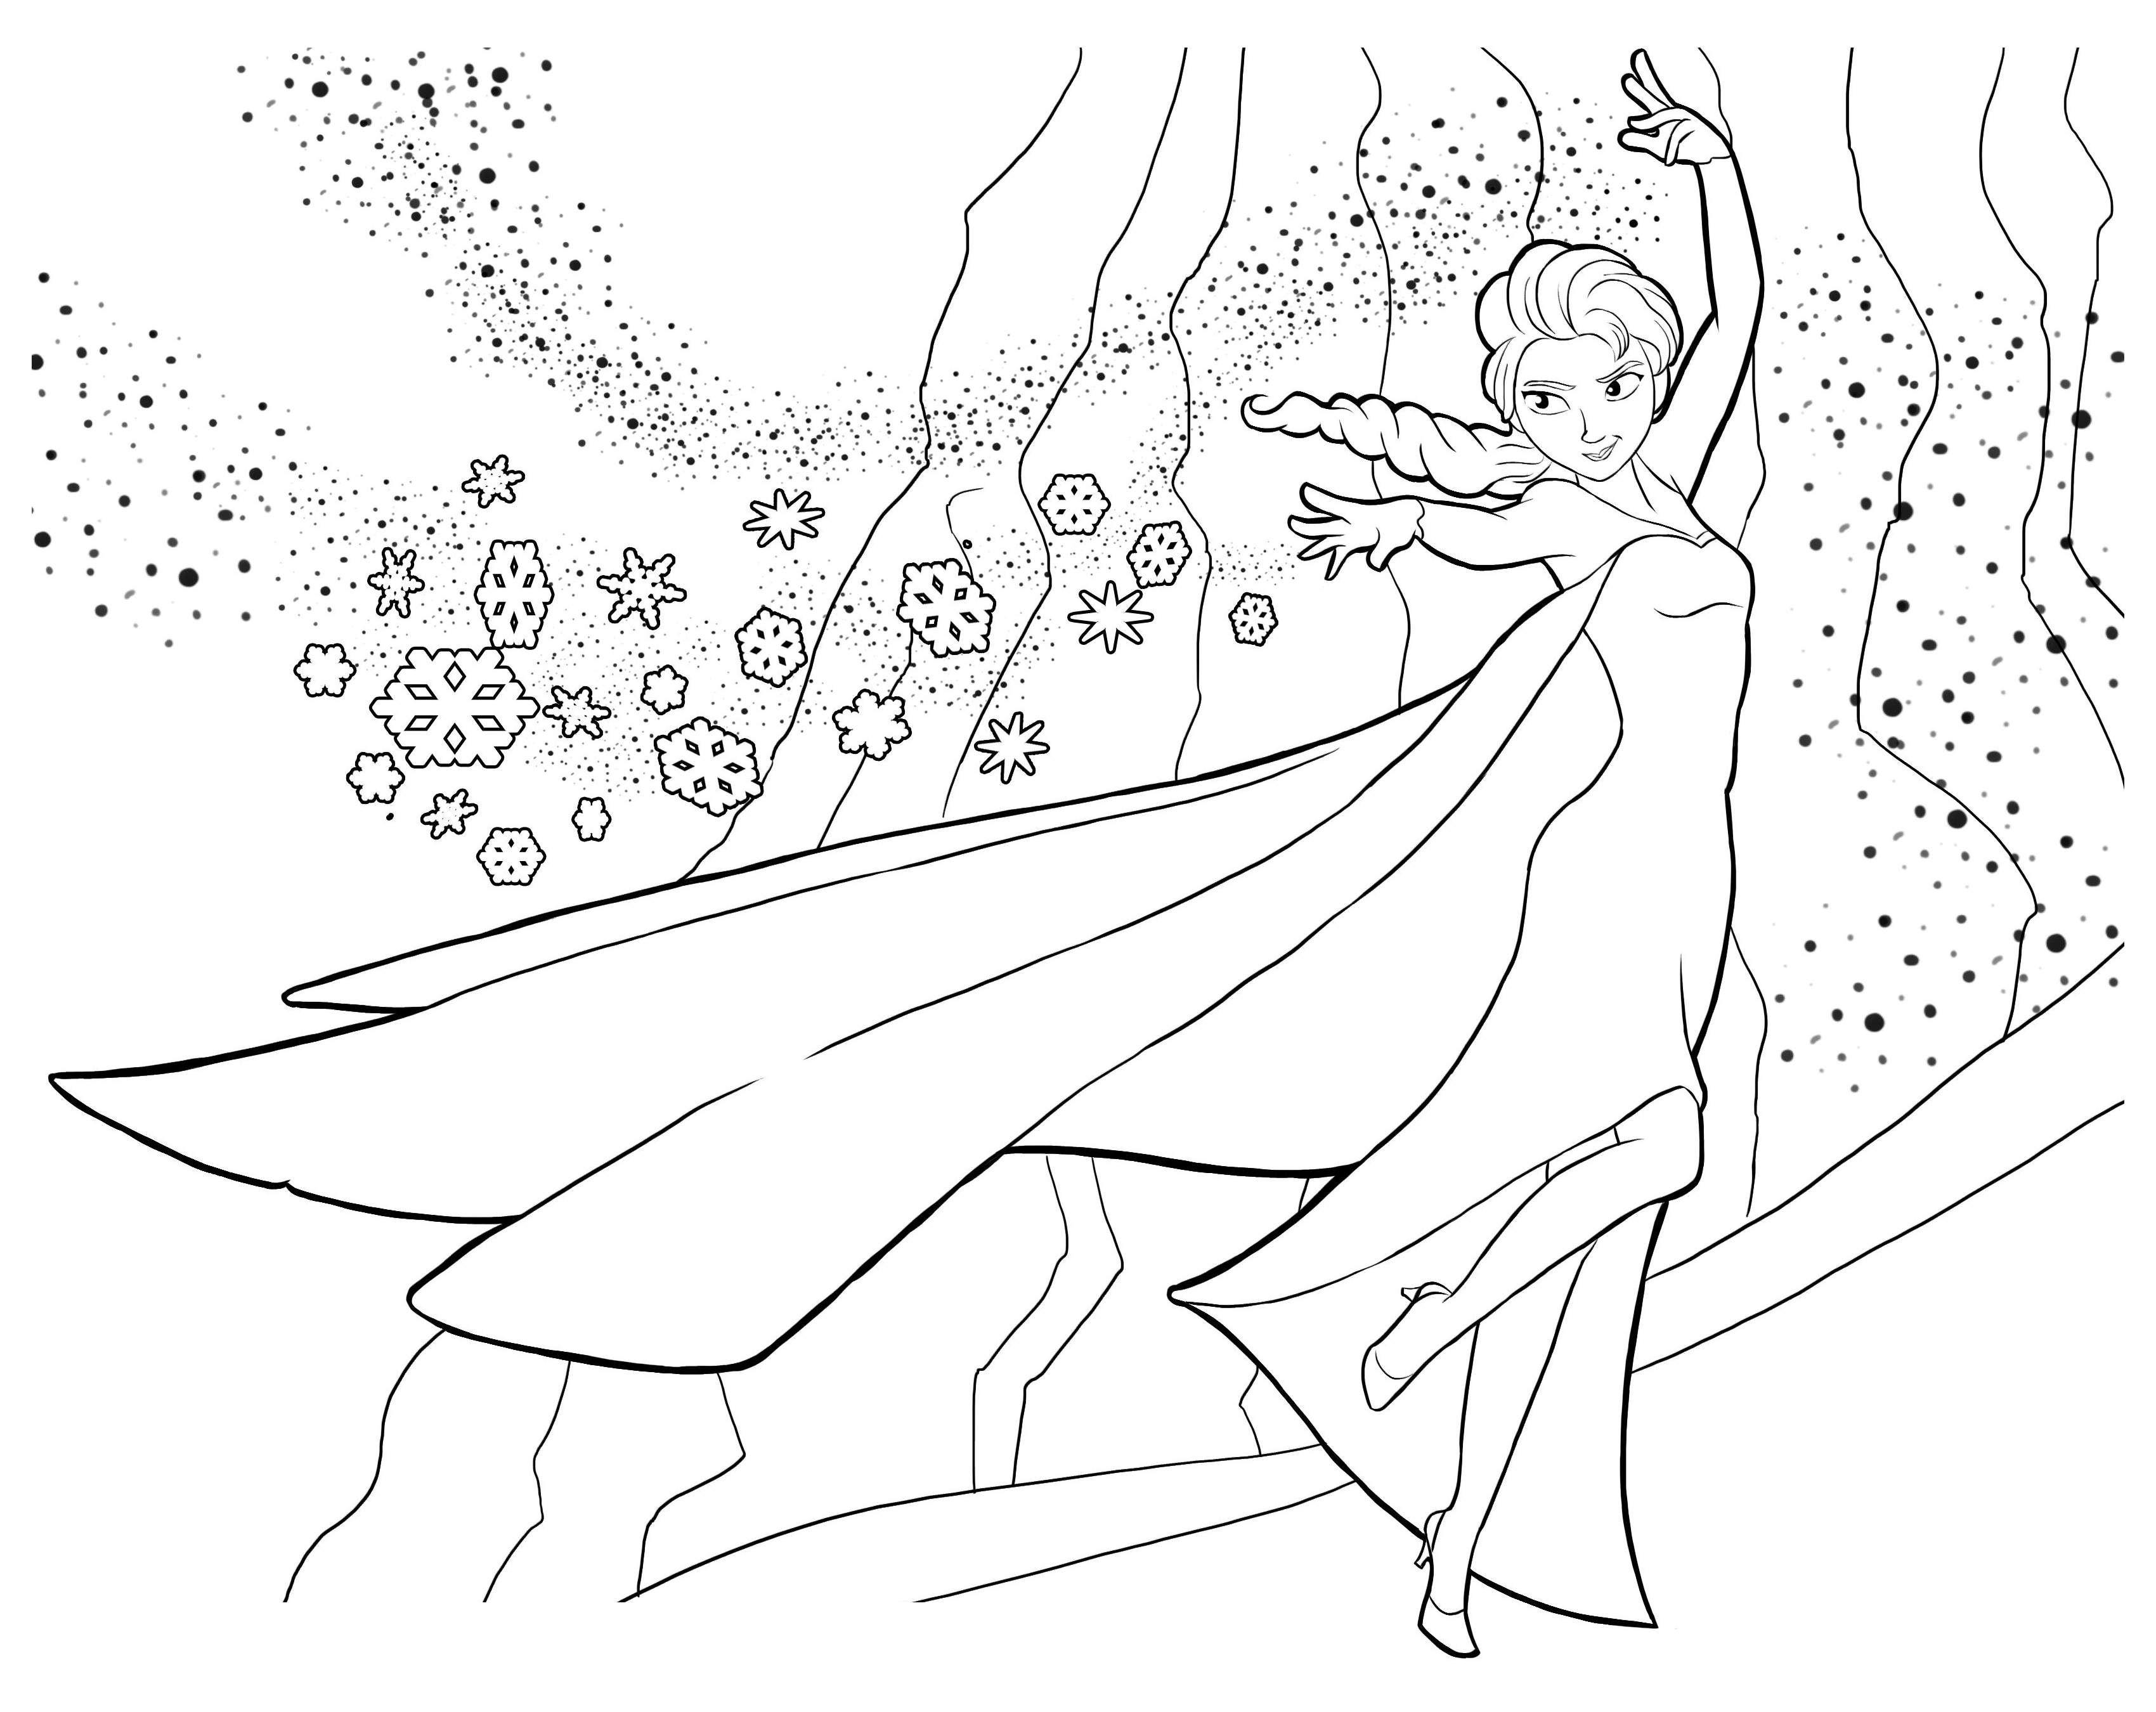 Reine Des Neiges Coloriage Gratuit Collection | Coloriage avec Dessin A Imprimer Reine Des Neiges